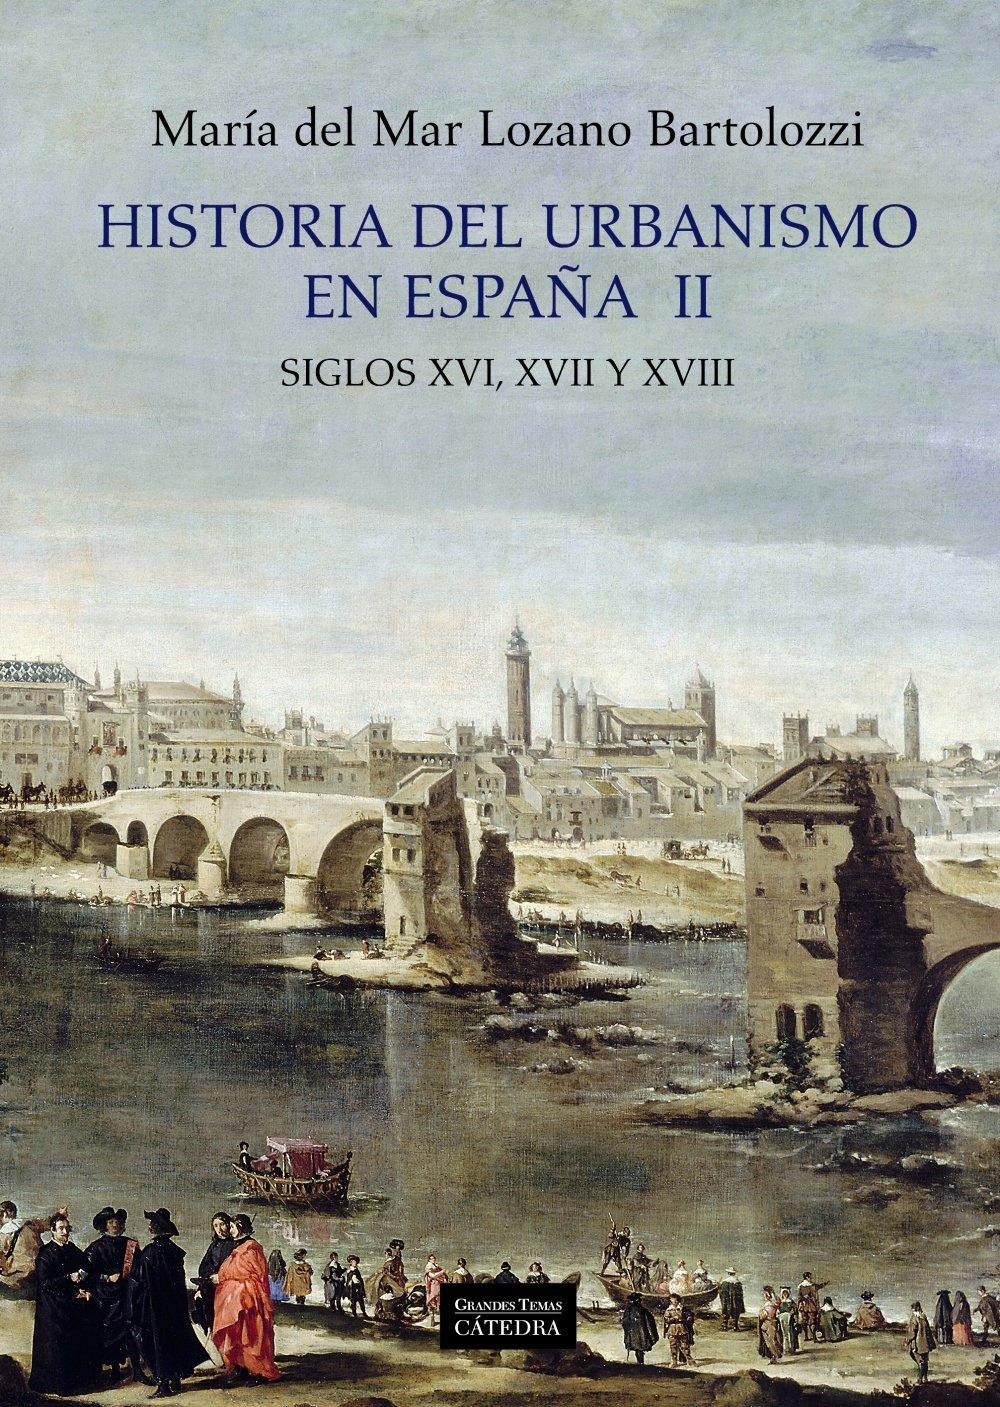 Historia del urbanismo en España II: Siglos XVI, XVII y XVIII: 2 Arte Grandes temas: Amazon.es: Lozano Bartolozzi, María del Mar: Libros